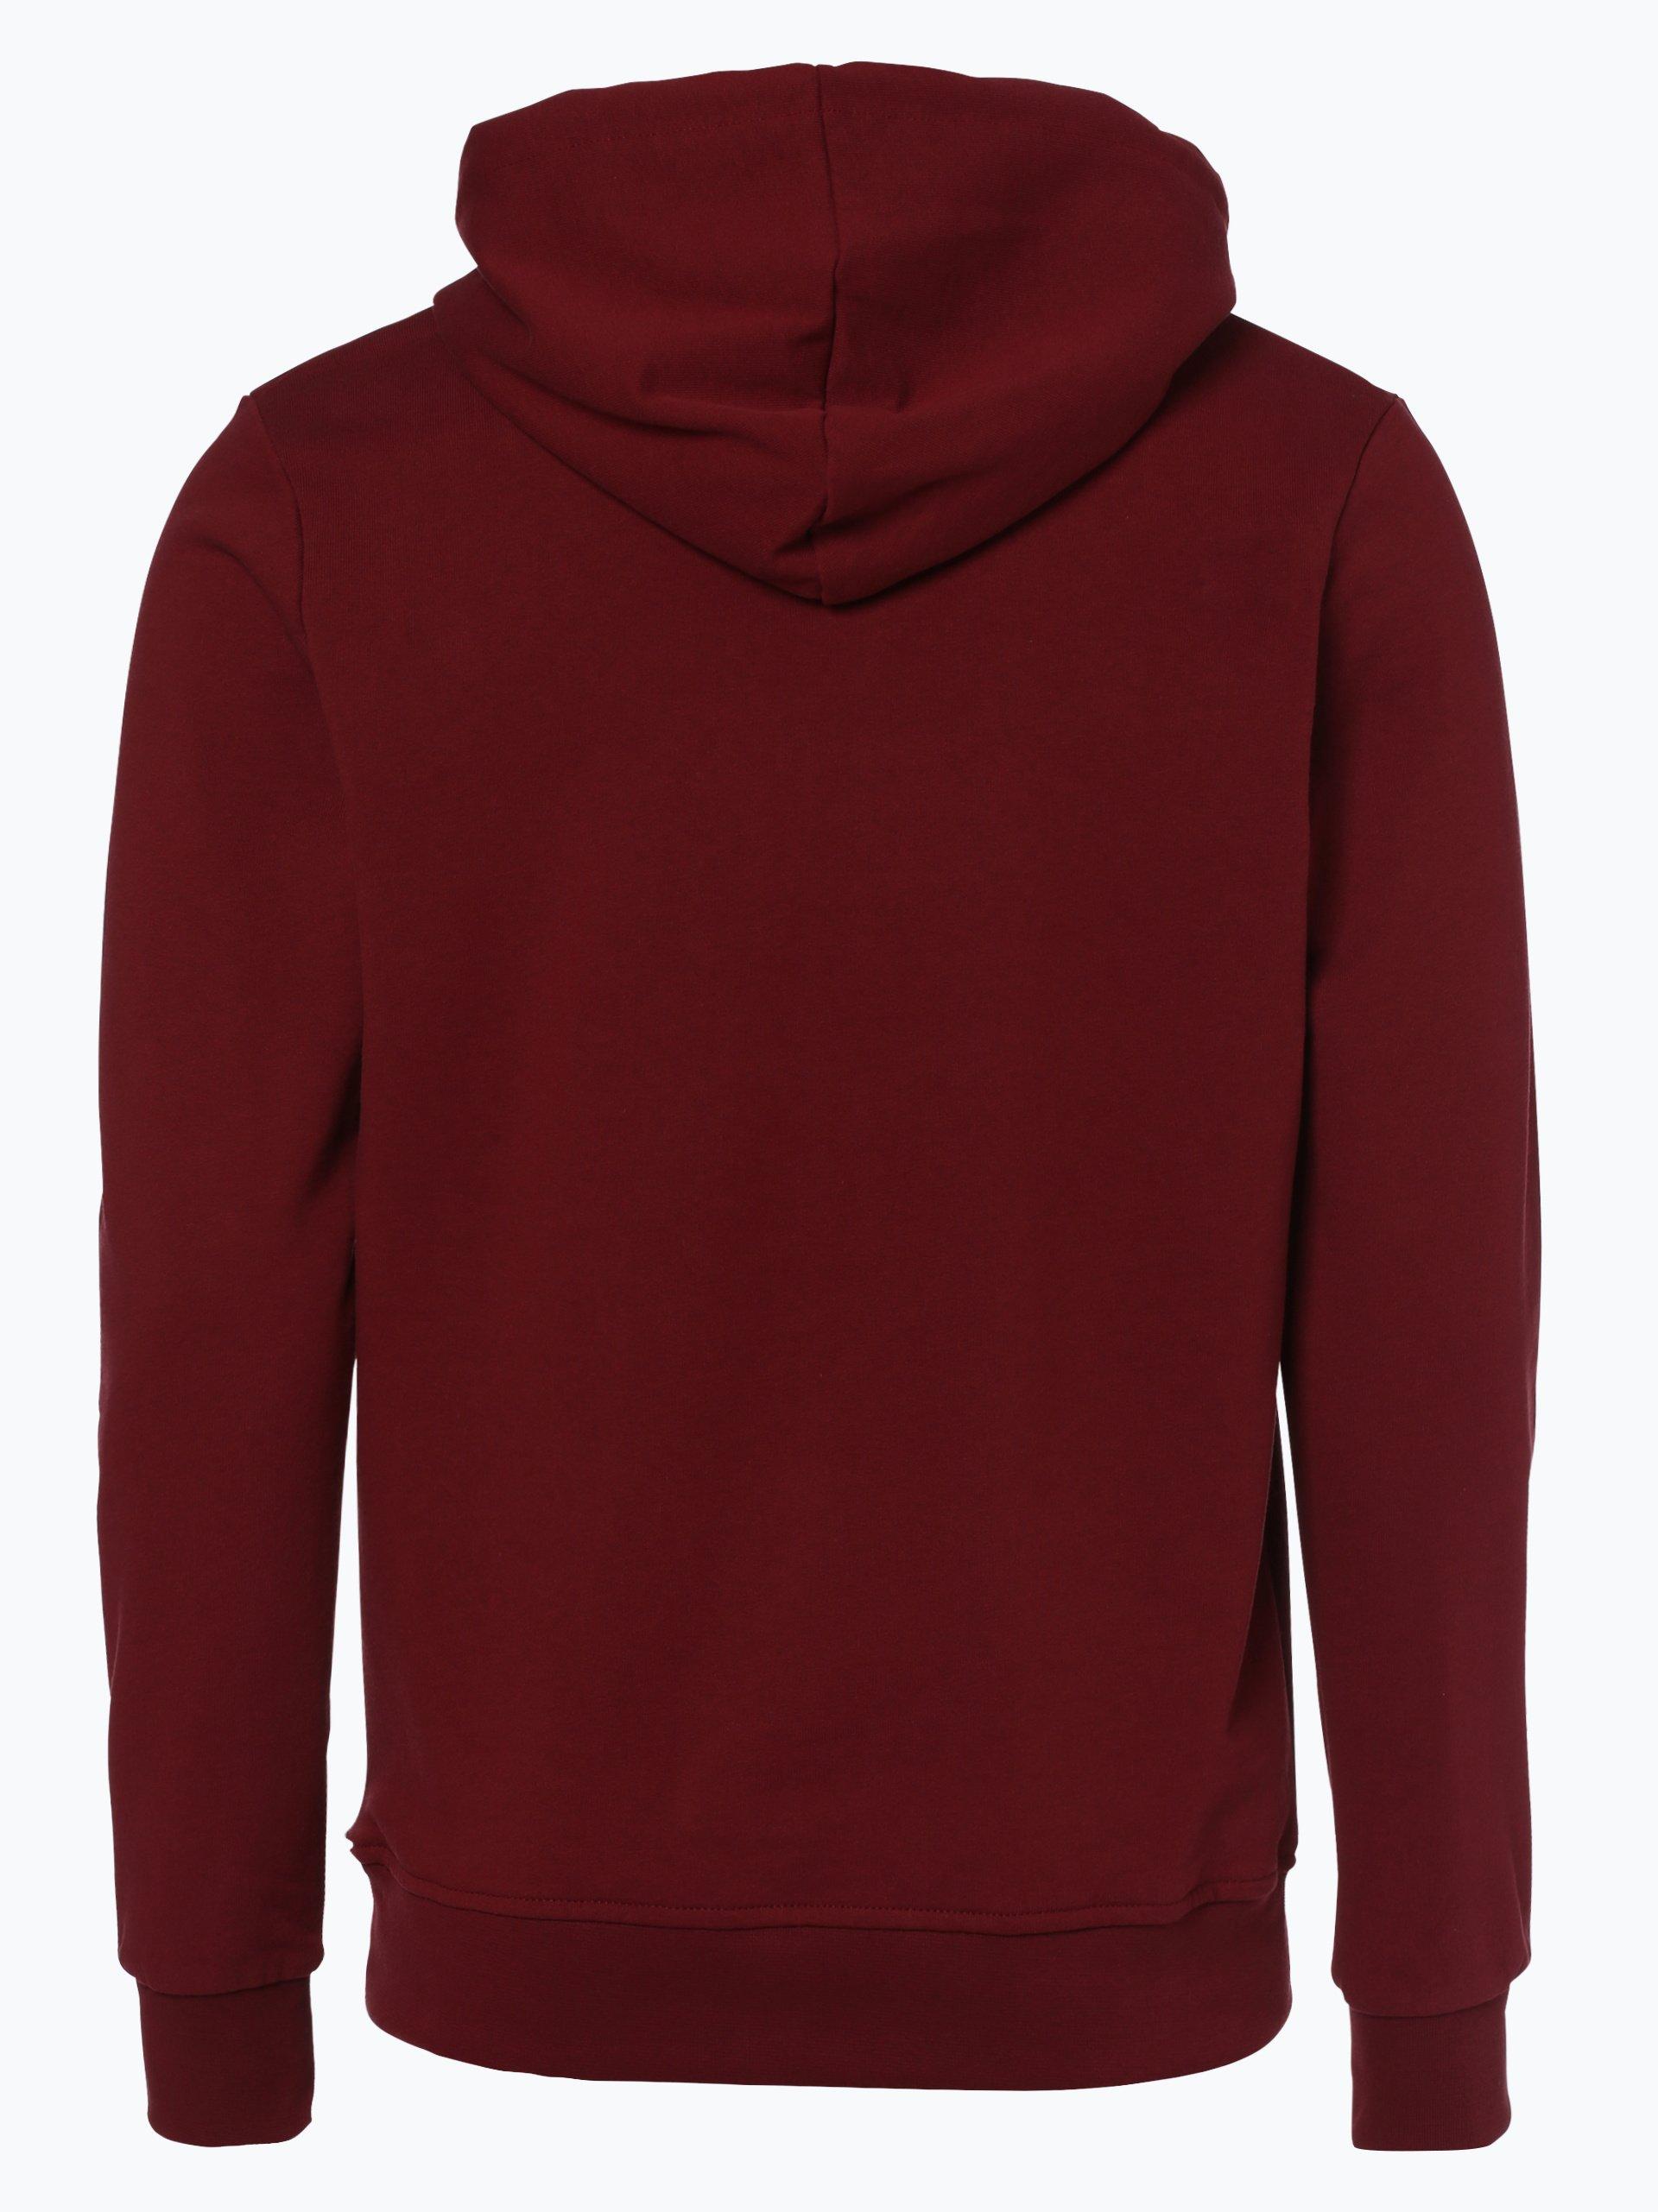 jack jones herren sweatshirt rot gemustert online kaufen. Black Bedroom Furniture Sets. Home Design Ideas